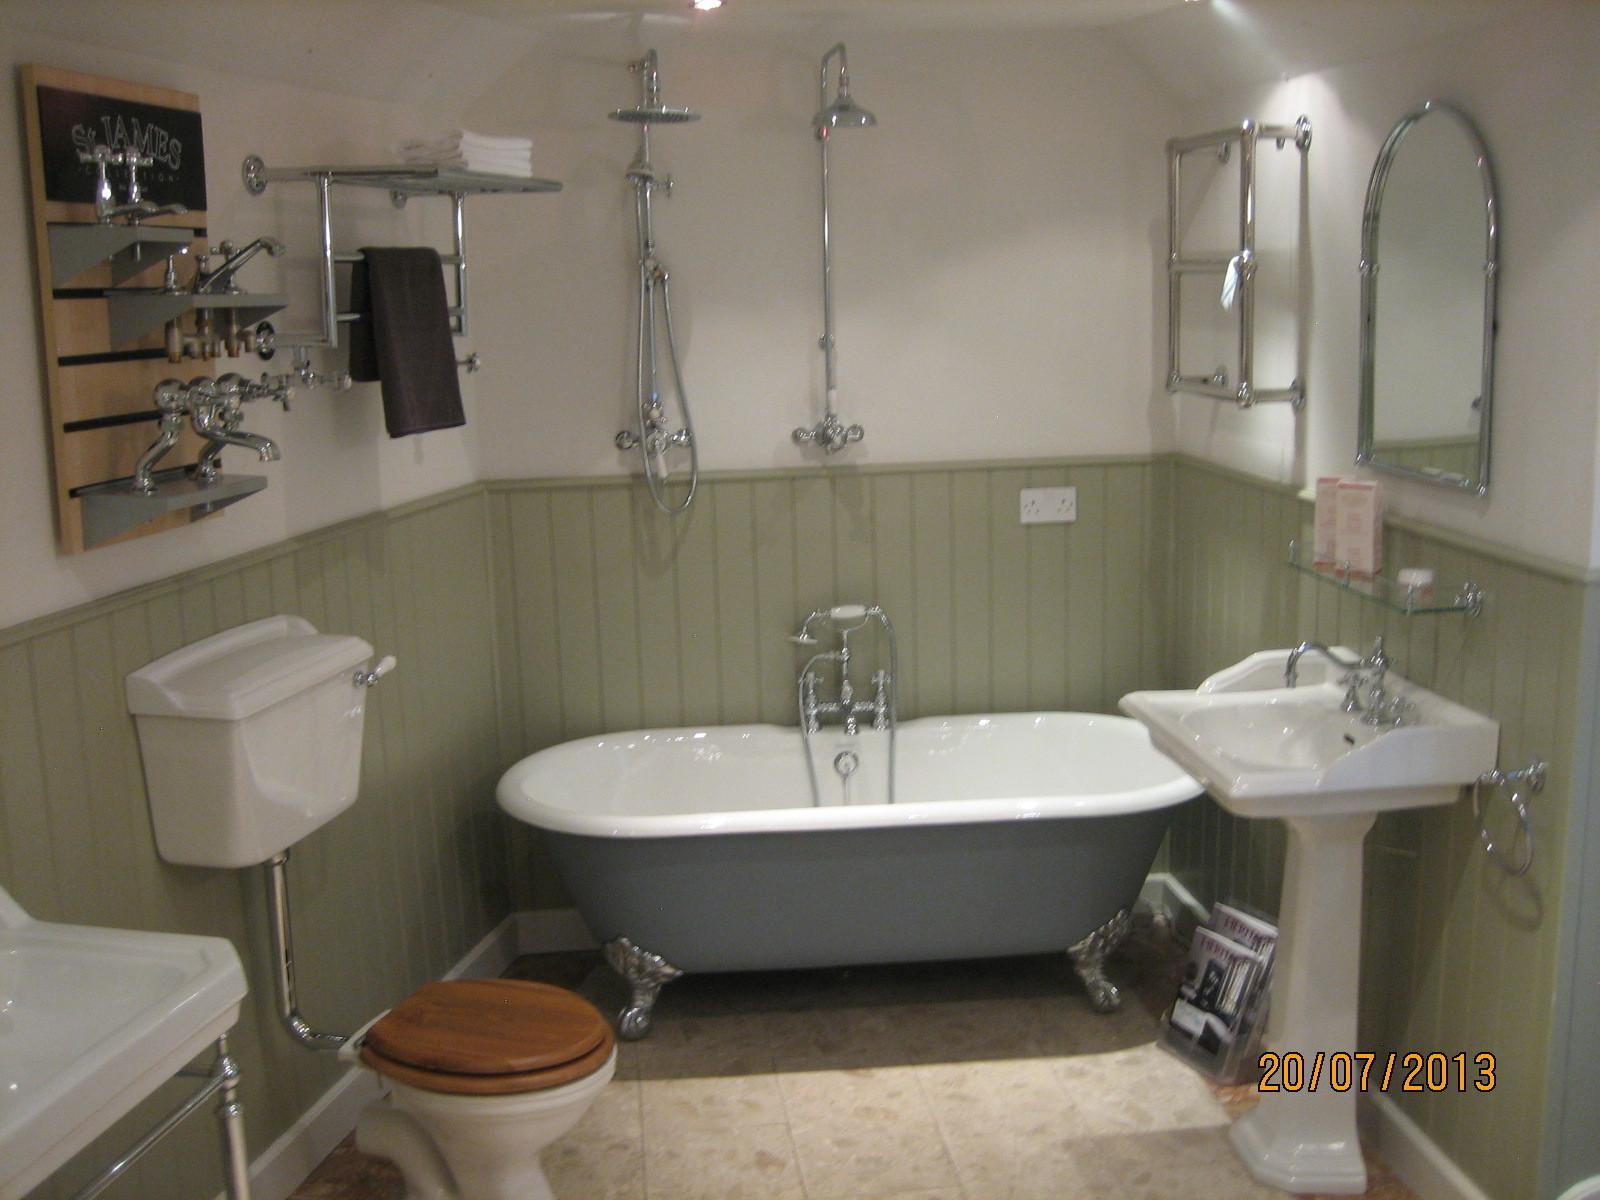 Traditional Bathrooms 21 Ideas  EnhancedHomesorg